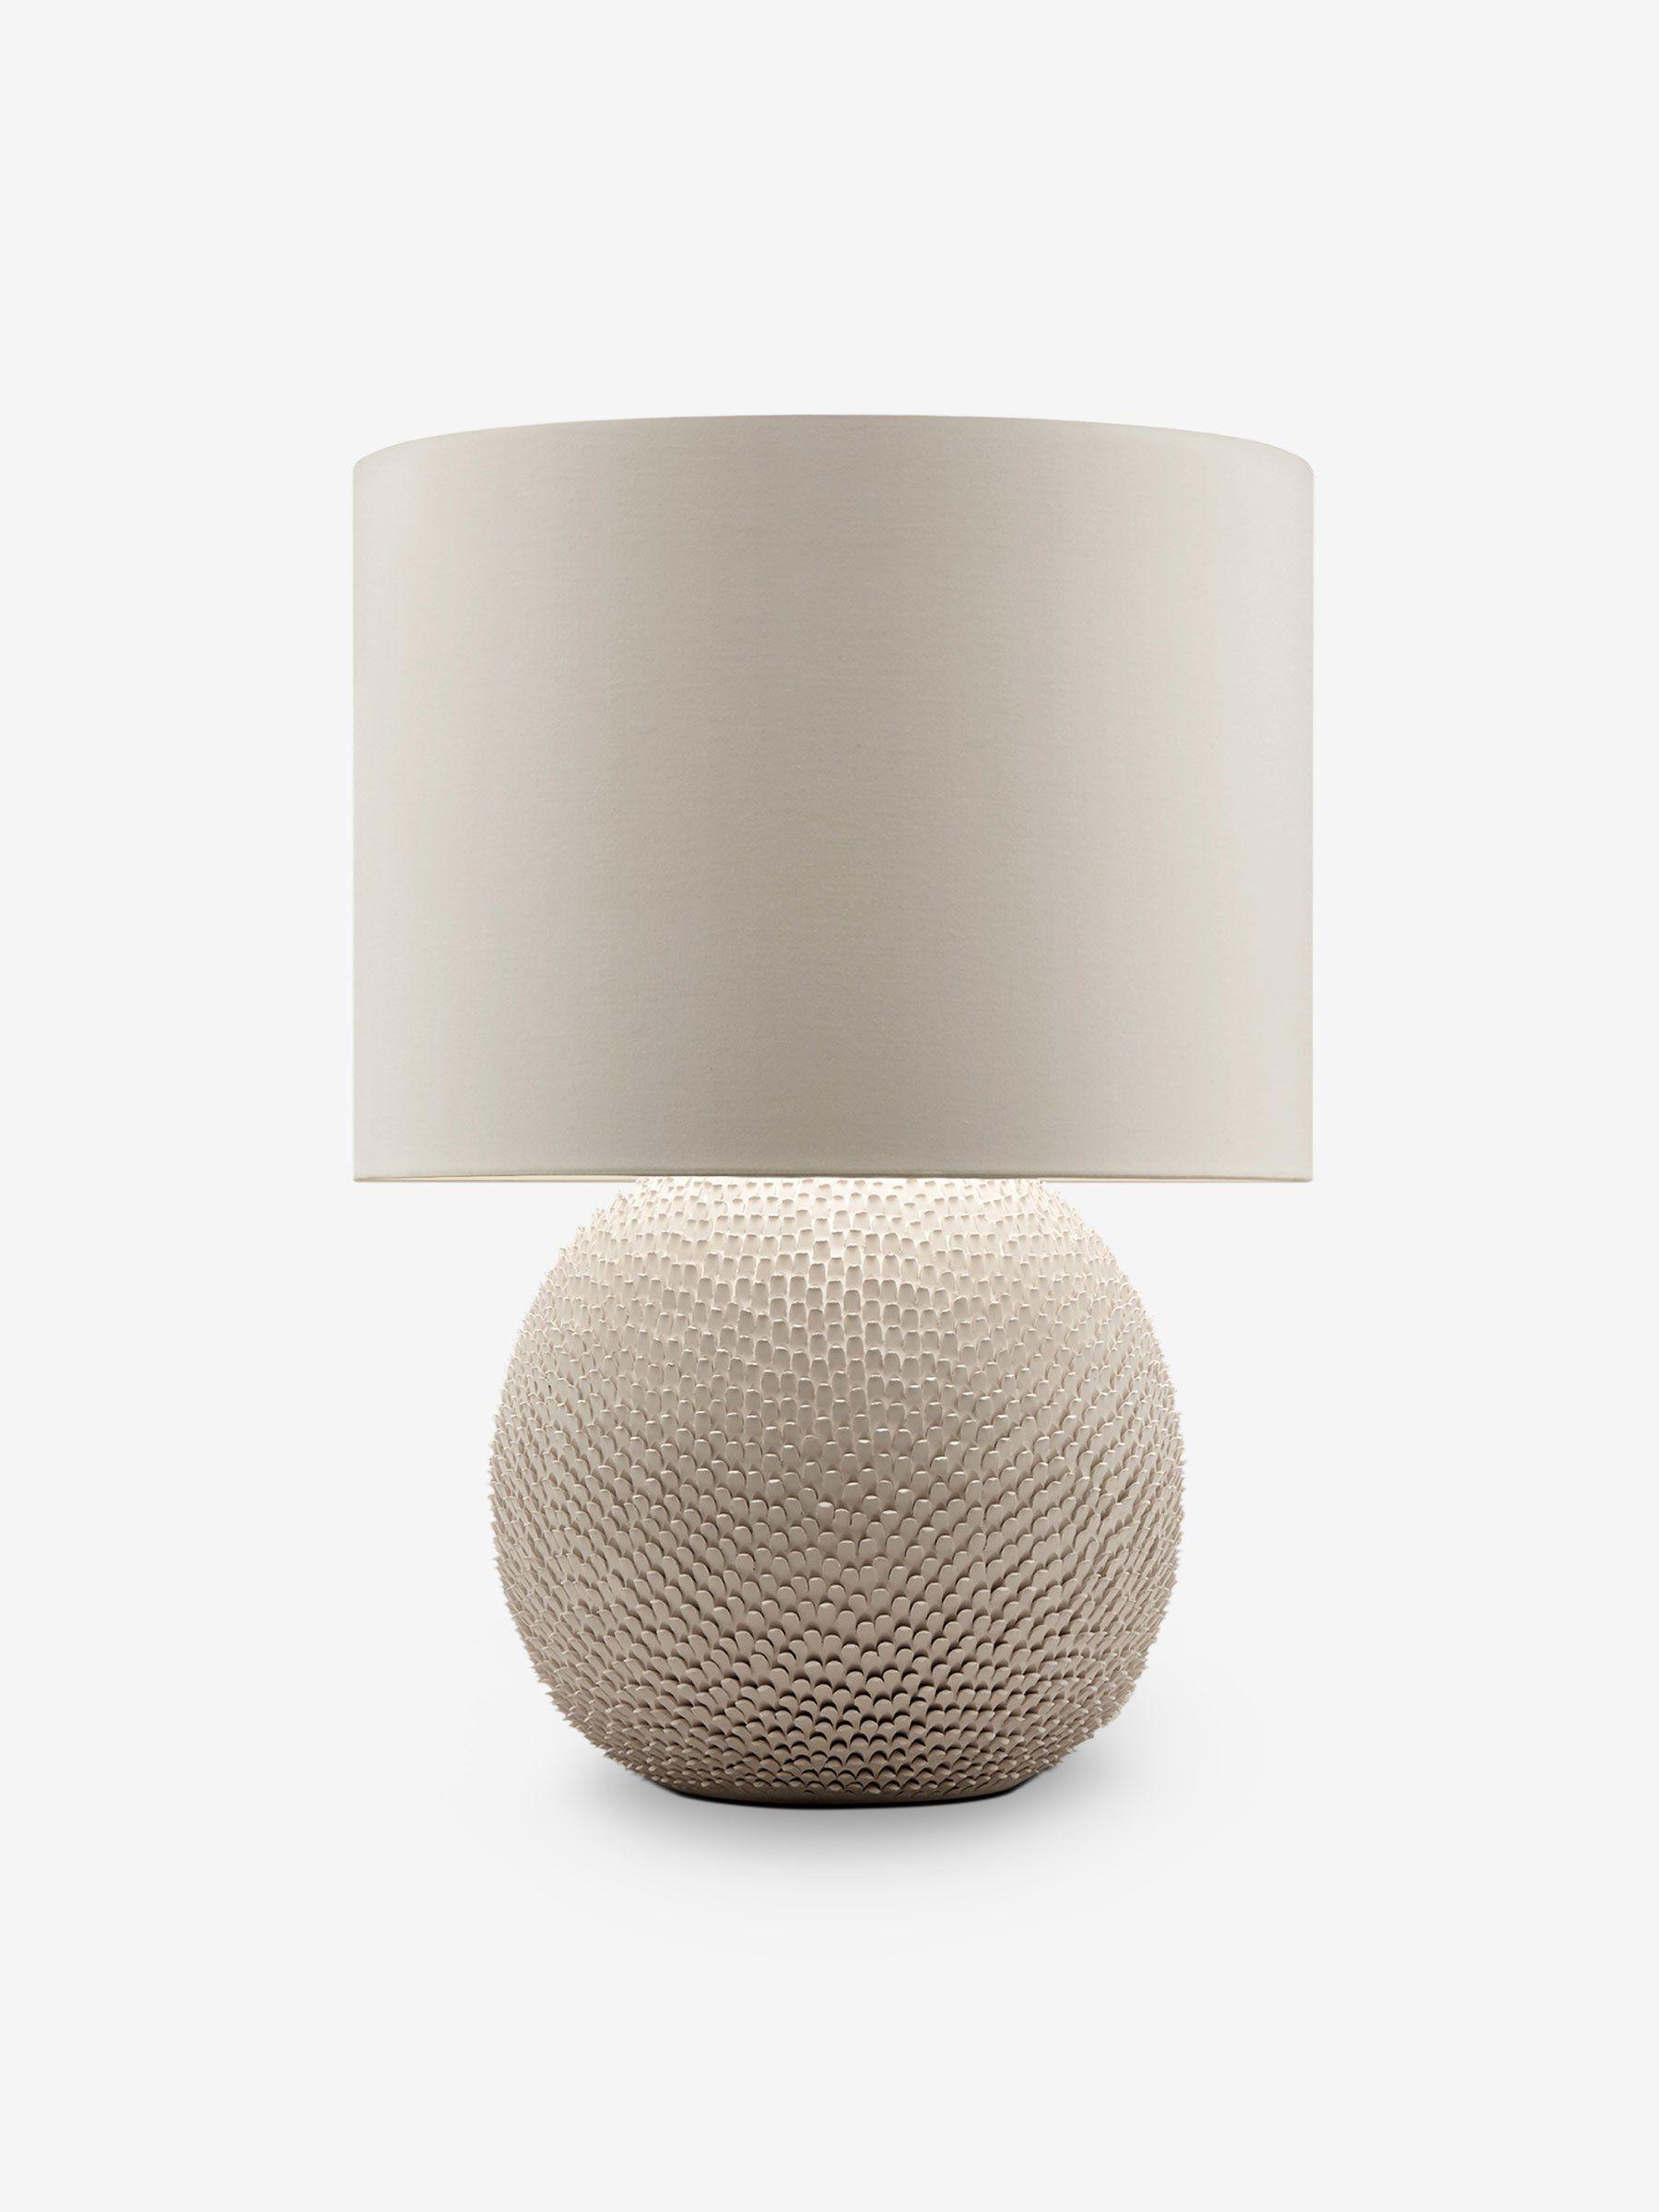 580 Lighting Ideas In 2021 Lighting Light Lights